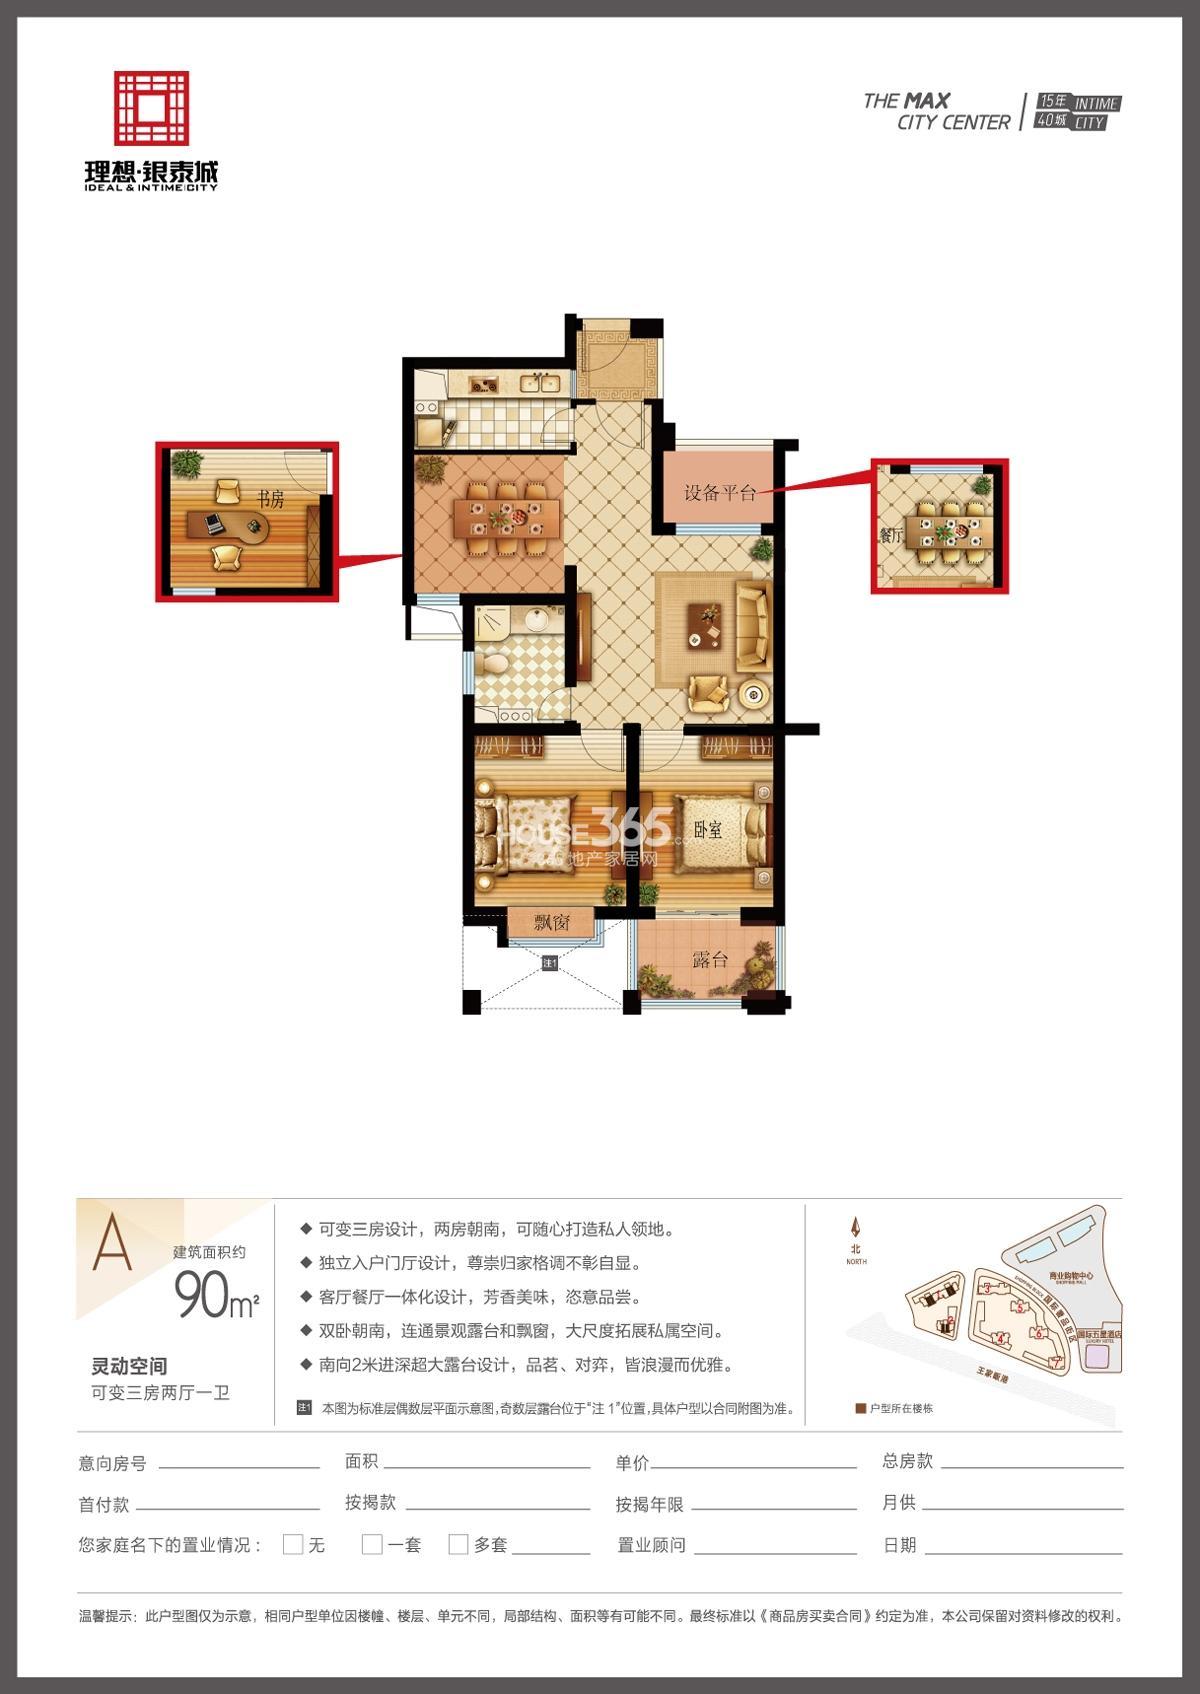 理想银泰城1、2号楼A户型90方三房两厅一卫户型图